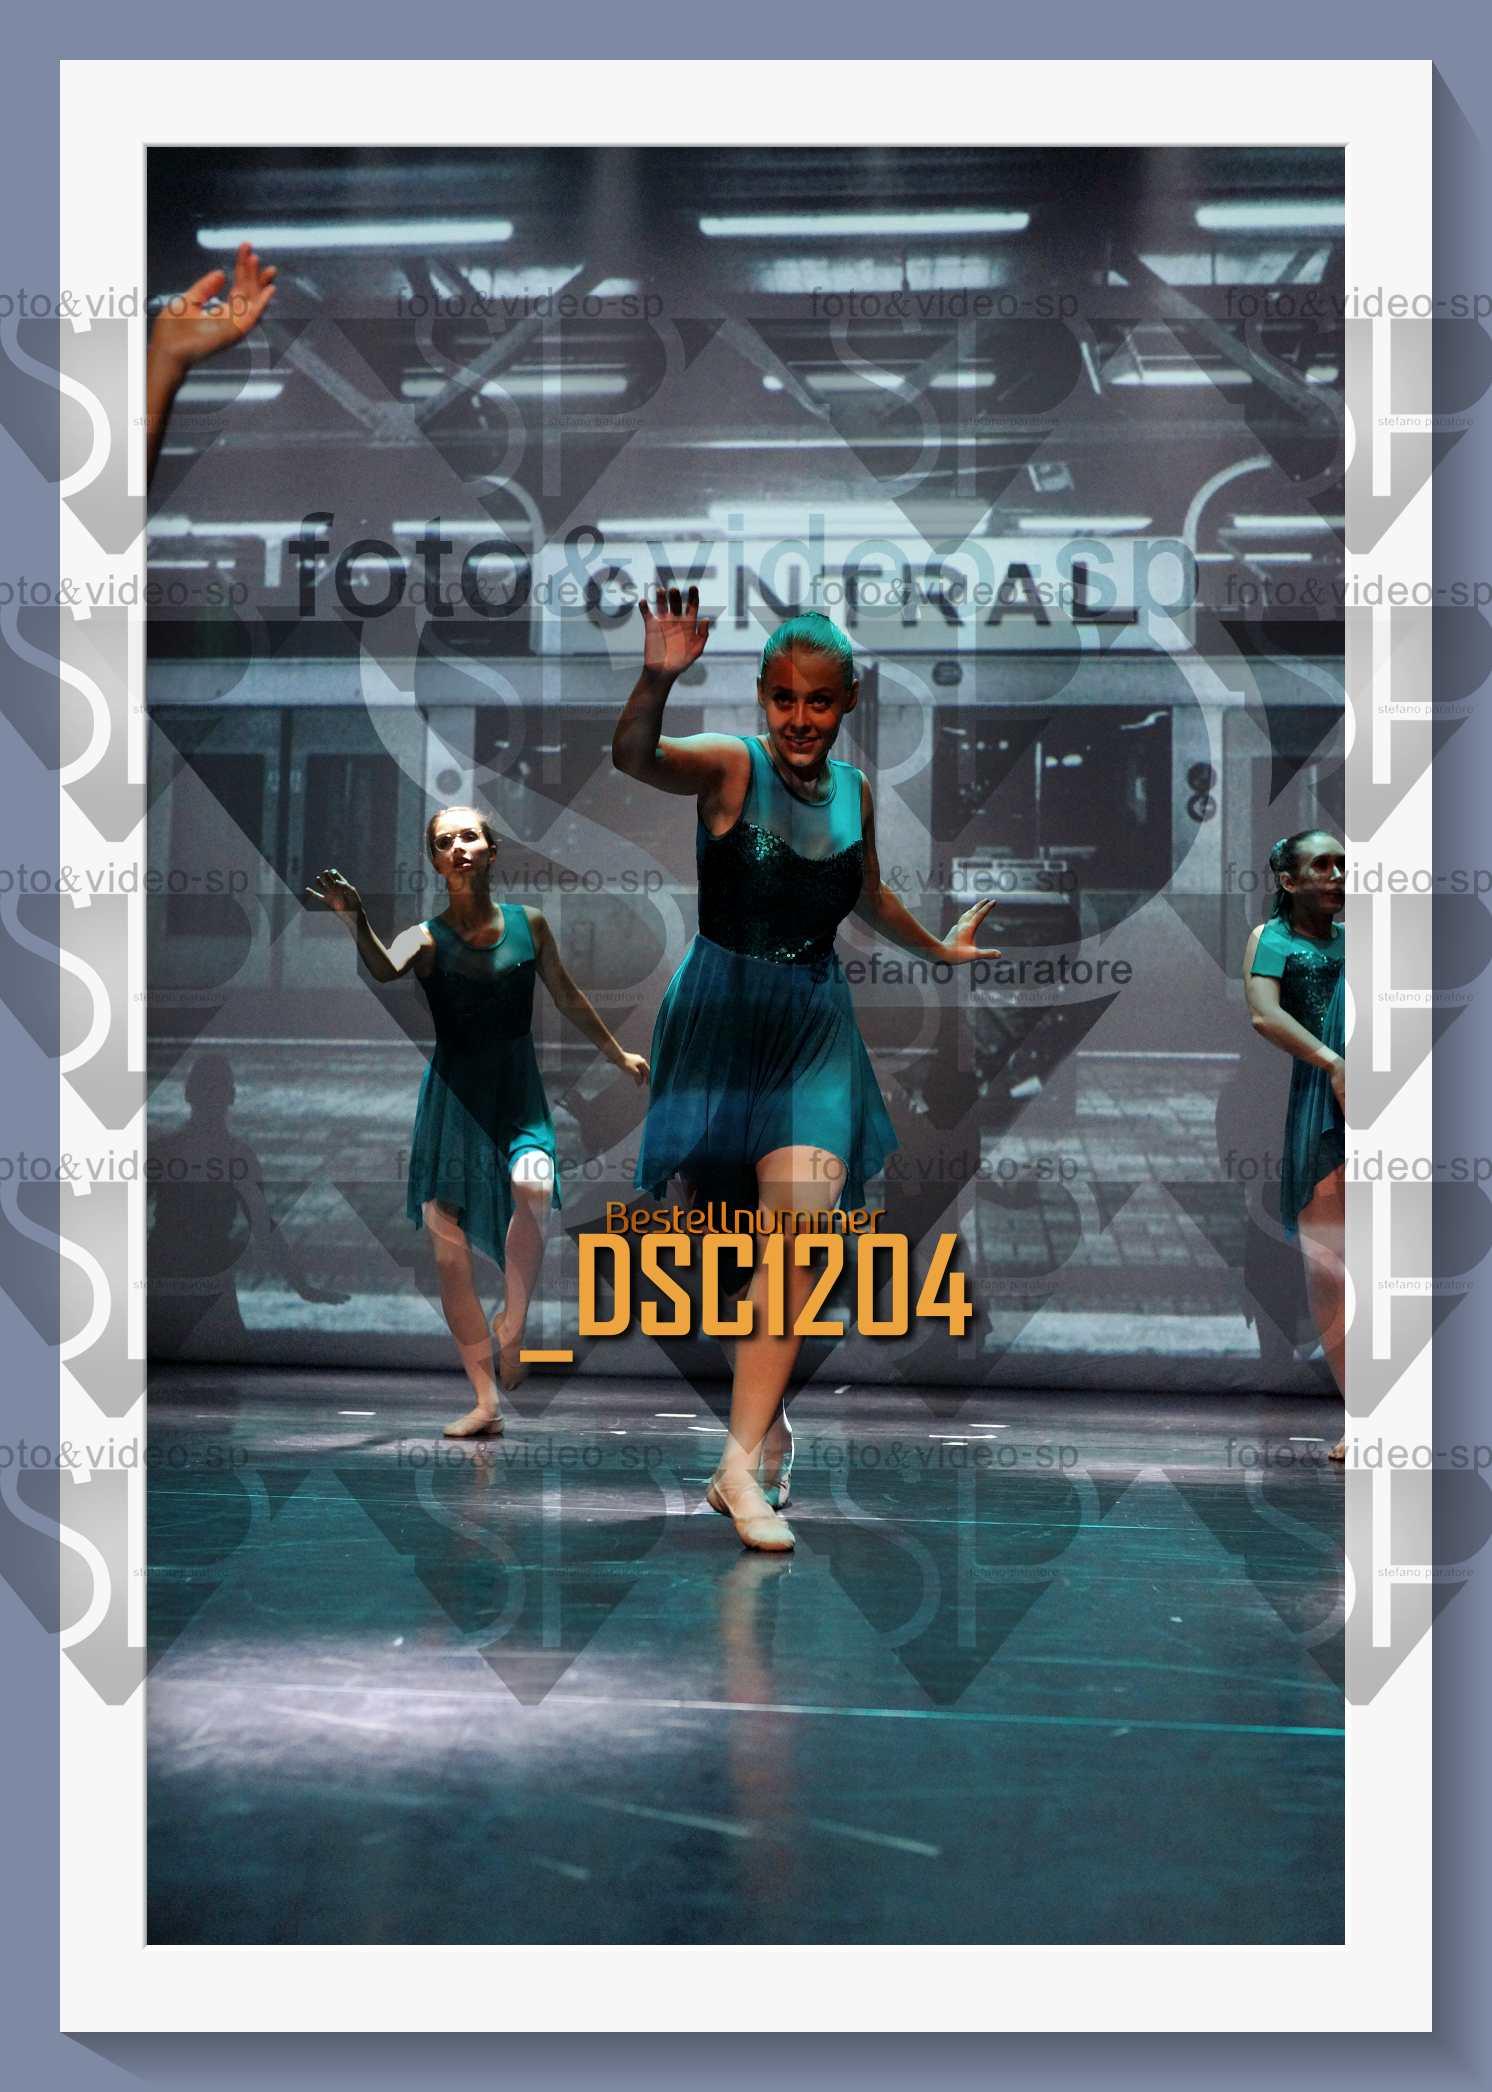 DSC1204